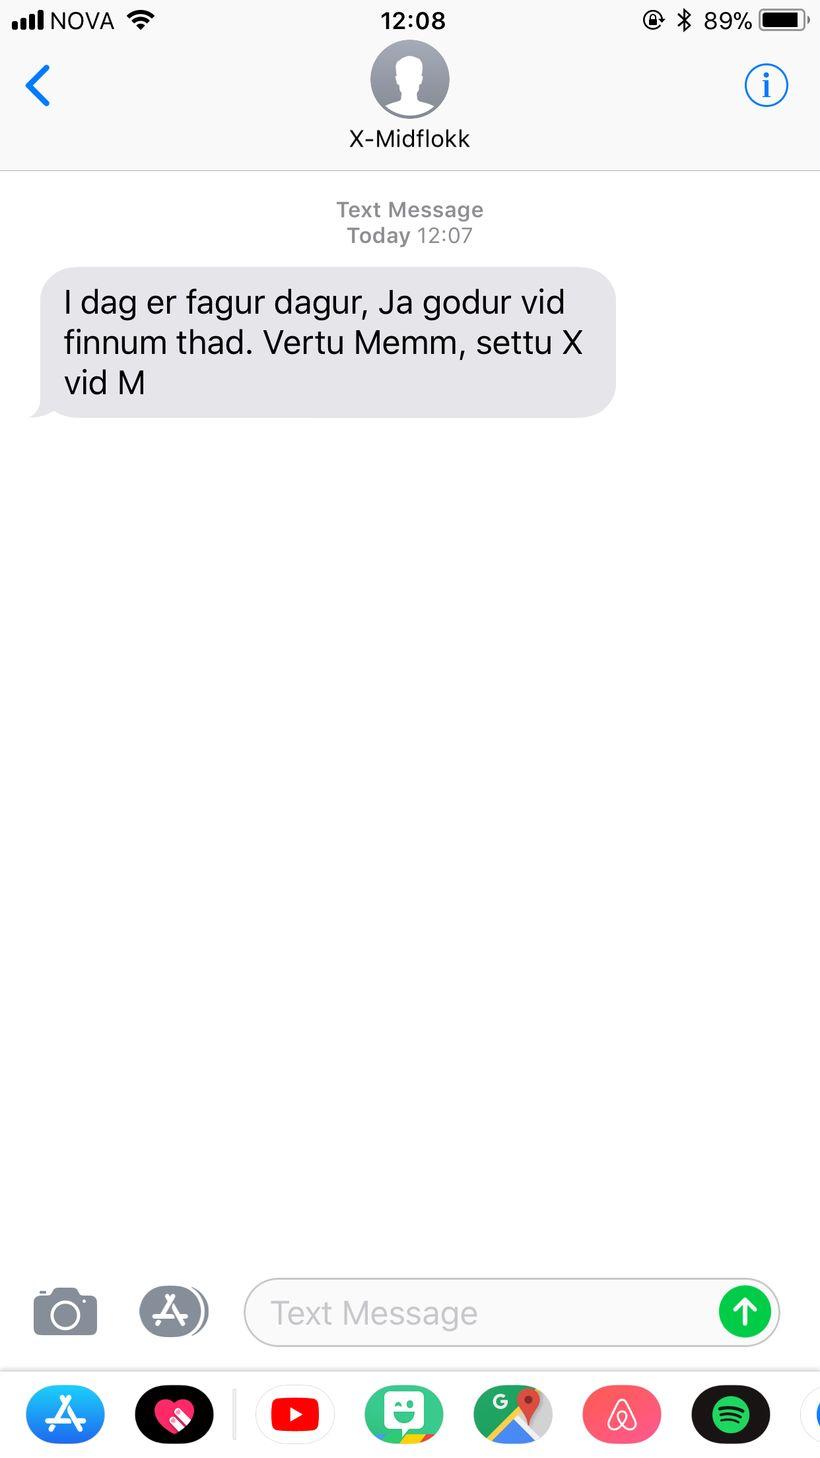 Miðflokkurinjn hvatti fólk til að vera memm og setja X …